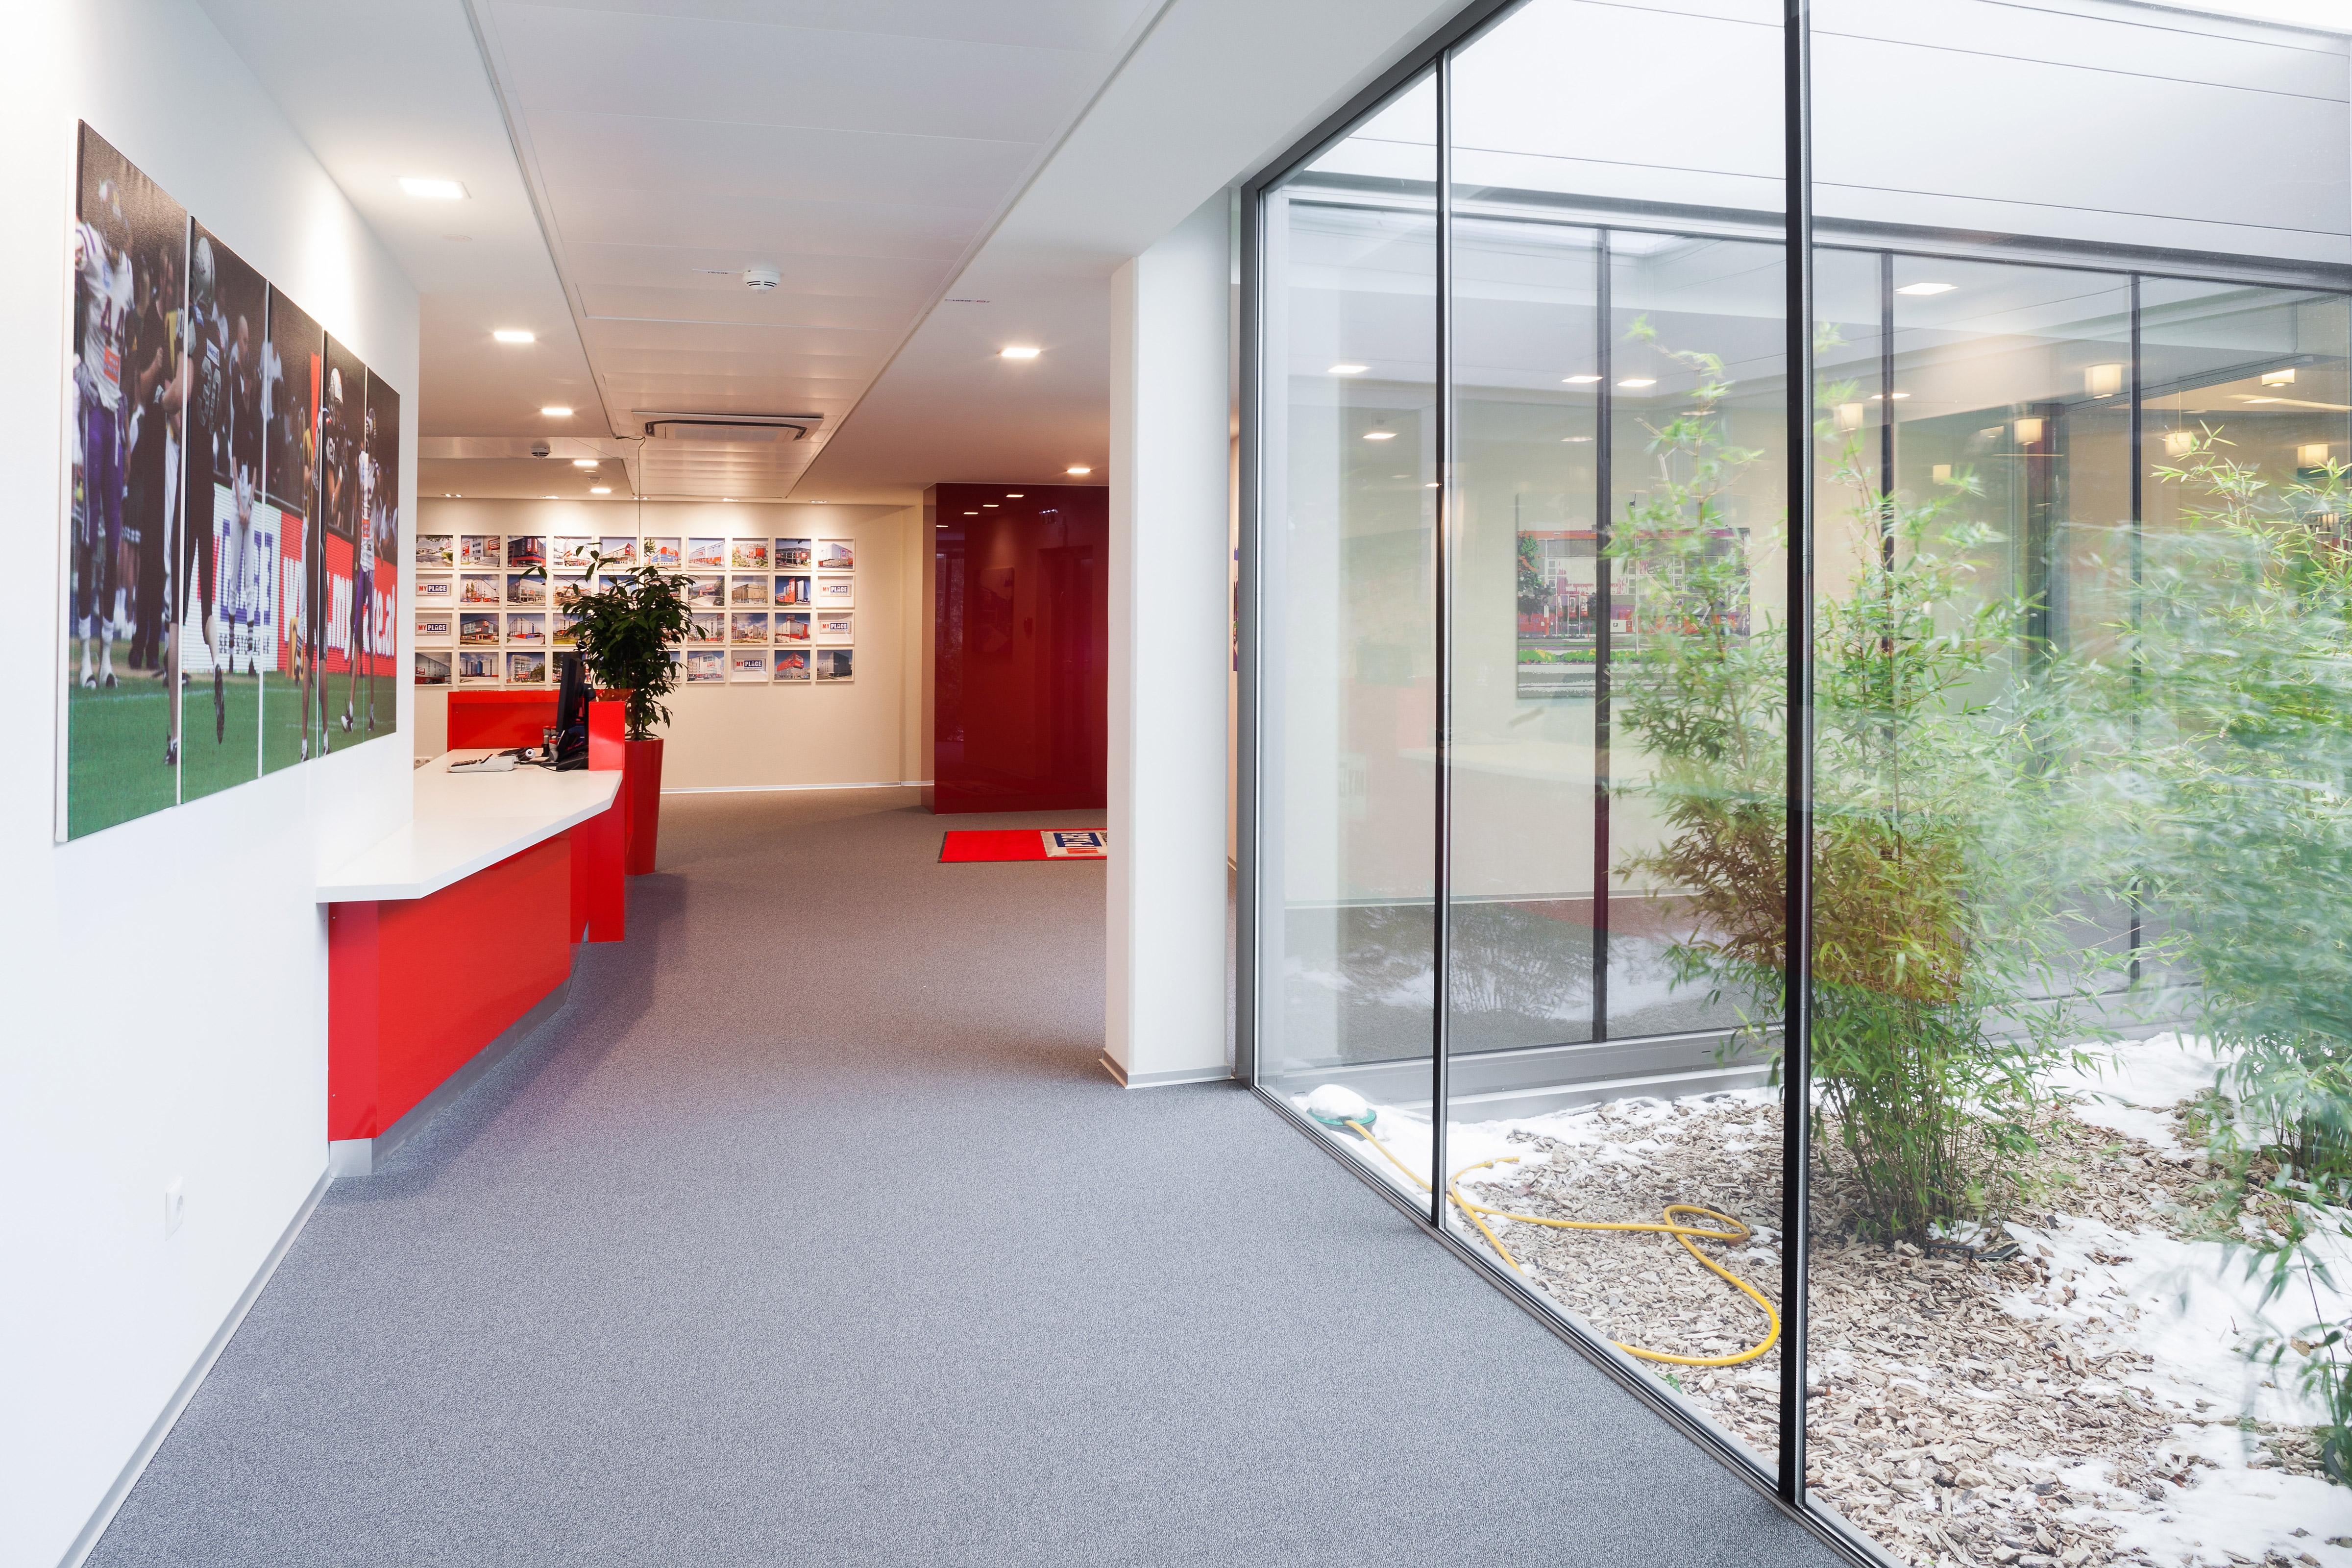 Myplace Empfangsbereich und Glasfront mit Blick auf Grümfläche